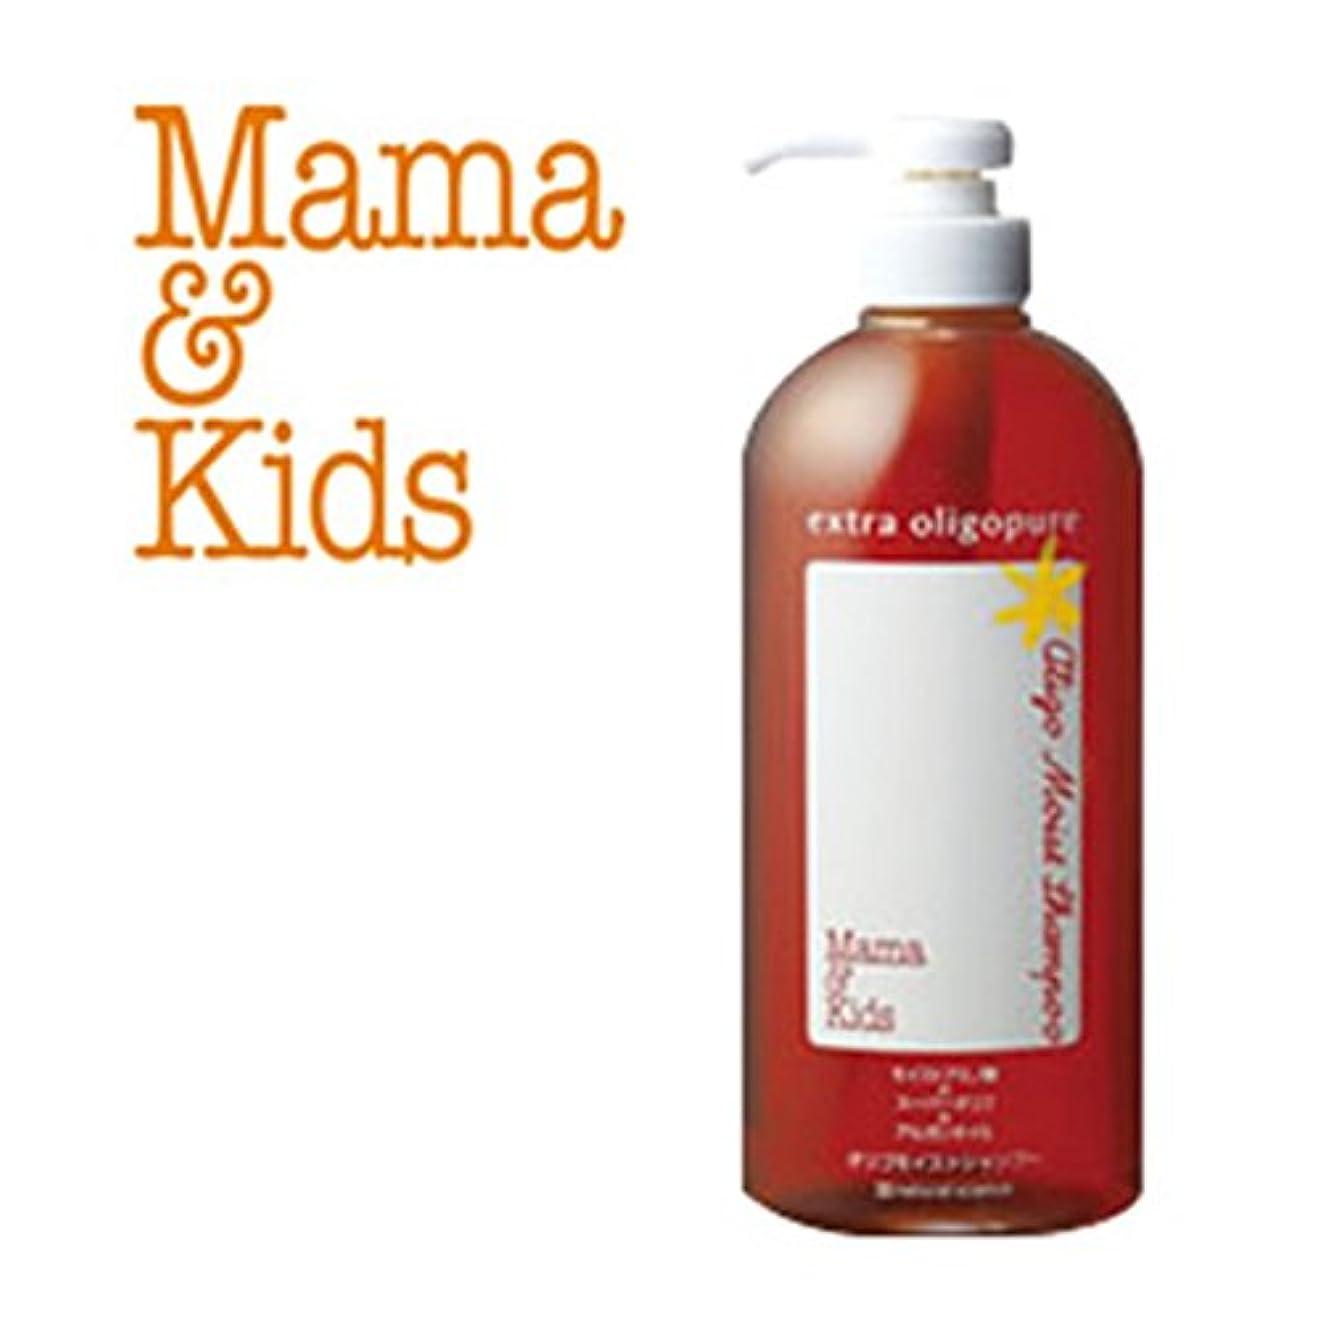 スパイ必要としている襲撃ママ&キッズ オリゴモイストシャンプー720ML/Mama&Kids Oligo Moist Shampoo/洗发水